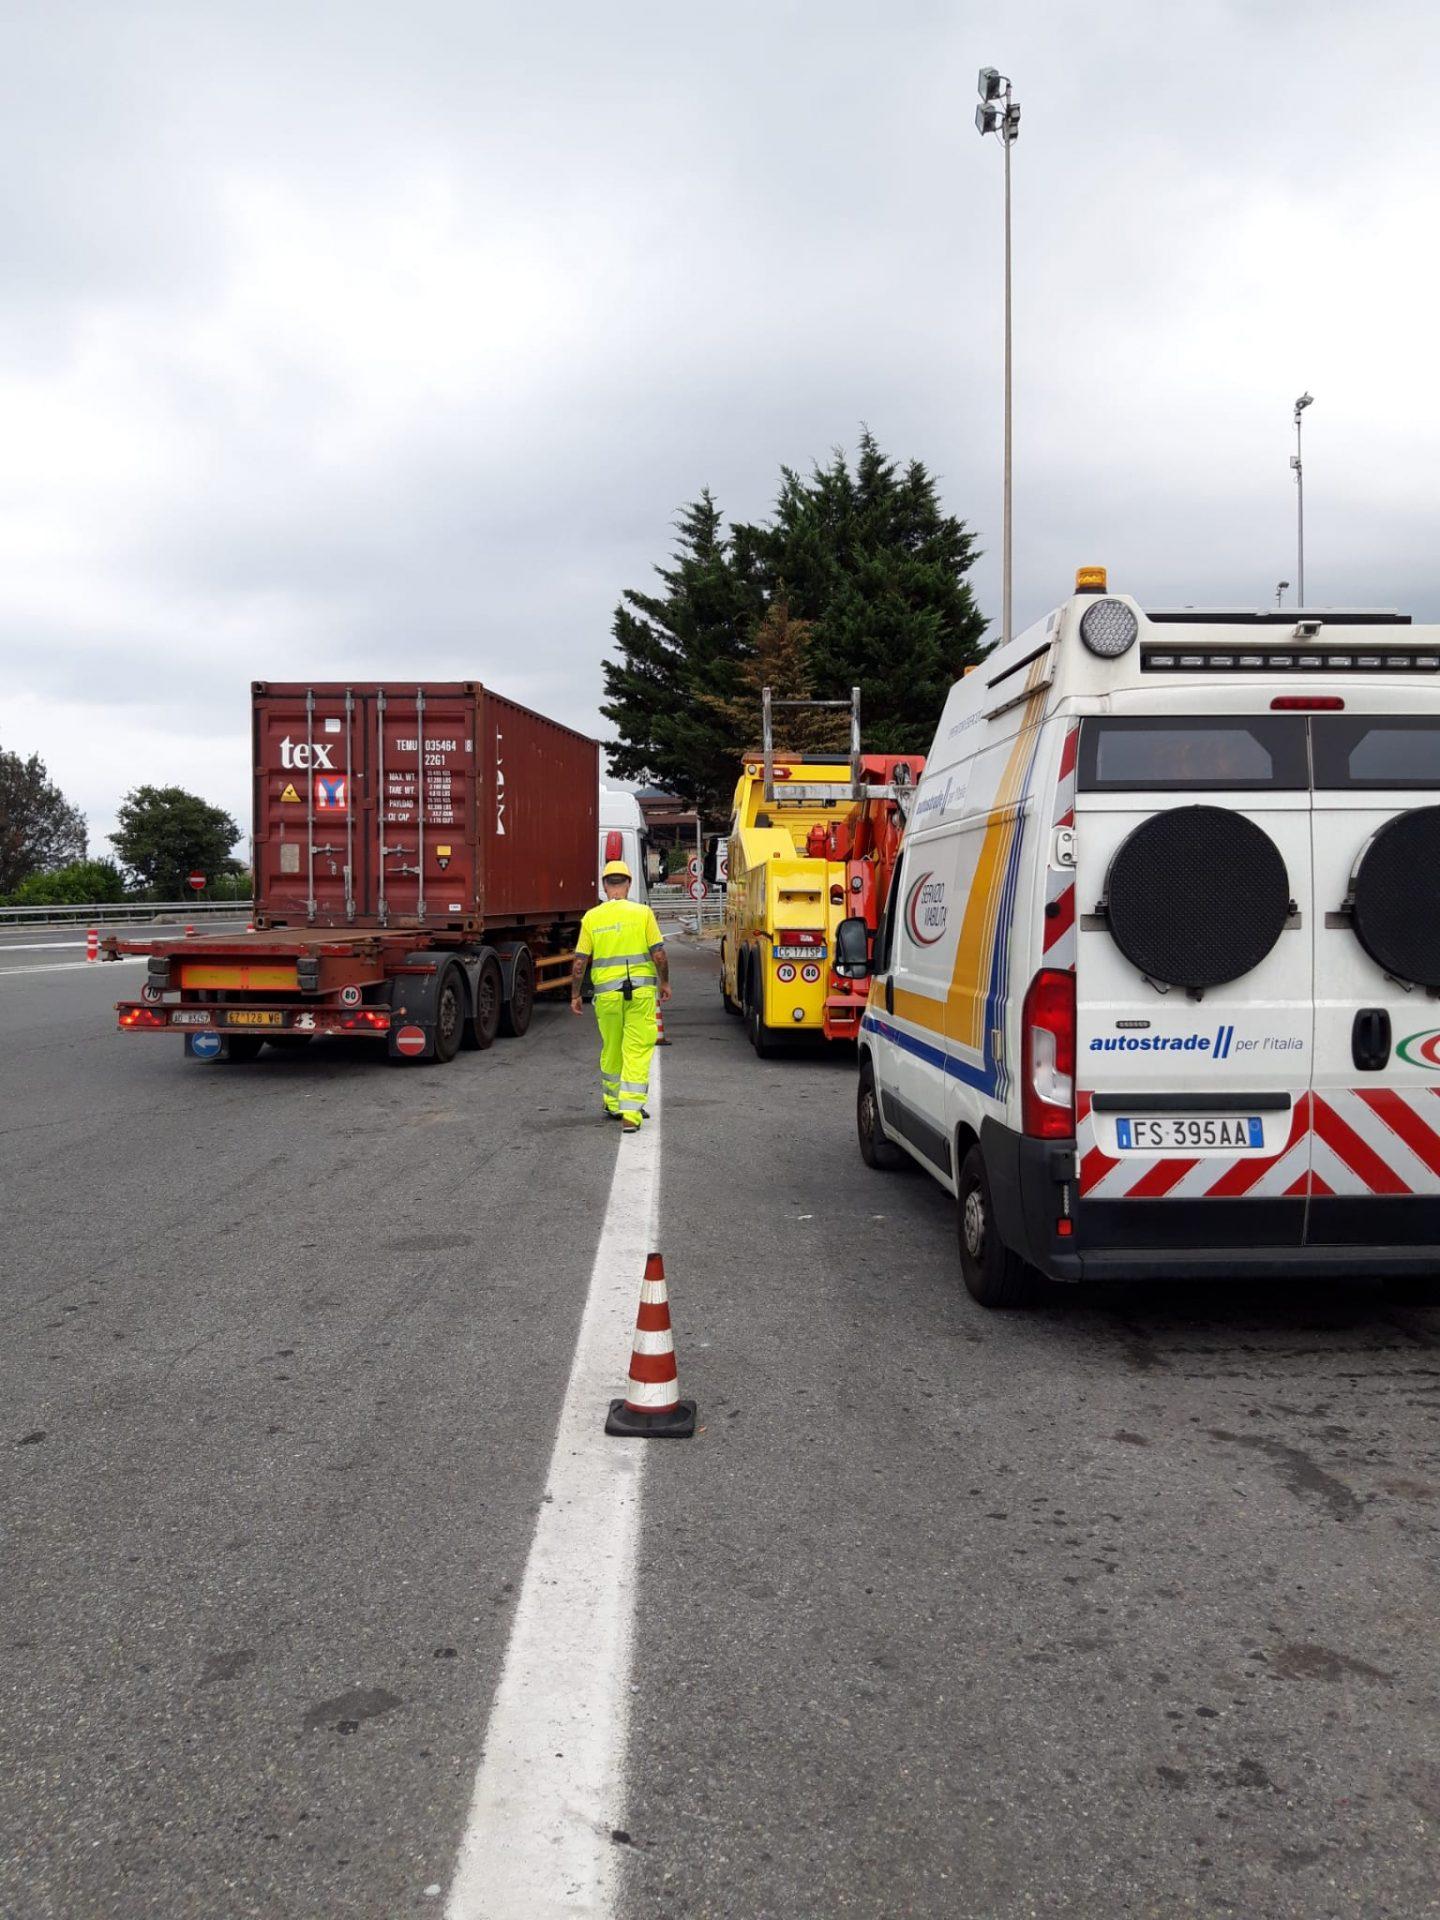 Traffico regolato sull'A1o durante i lavori dell'estate 2021